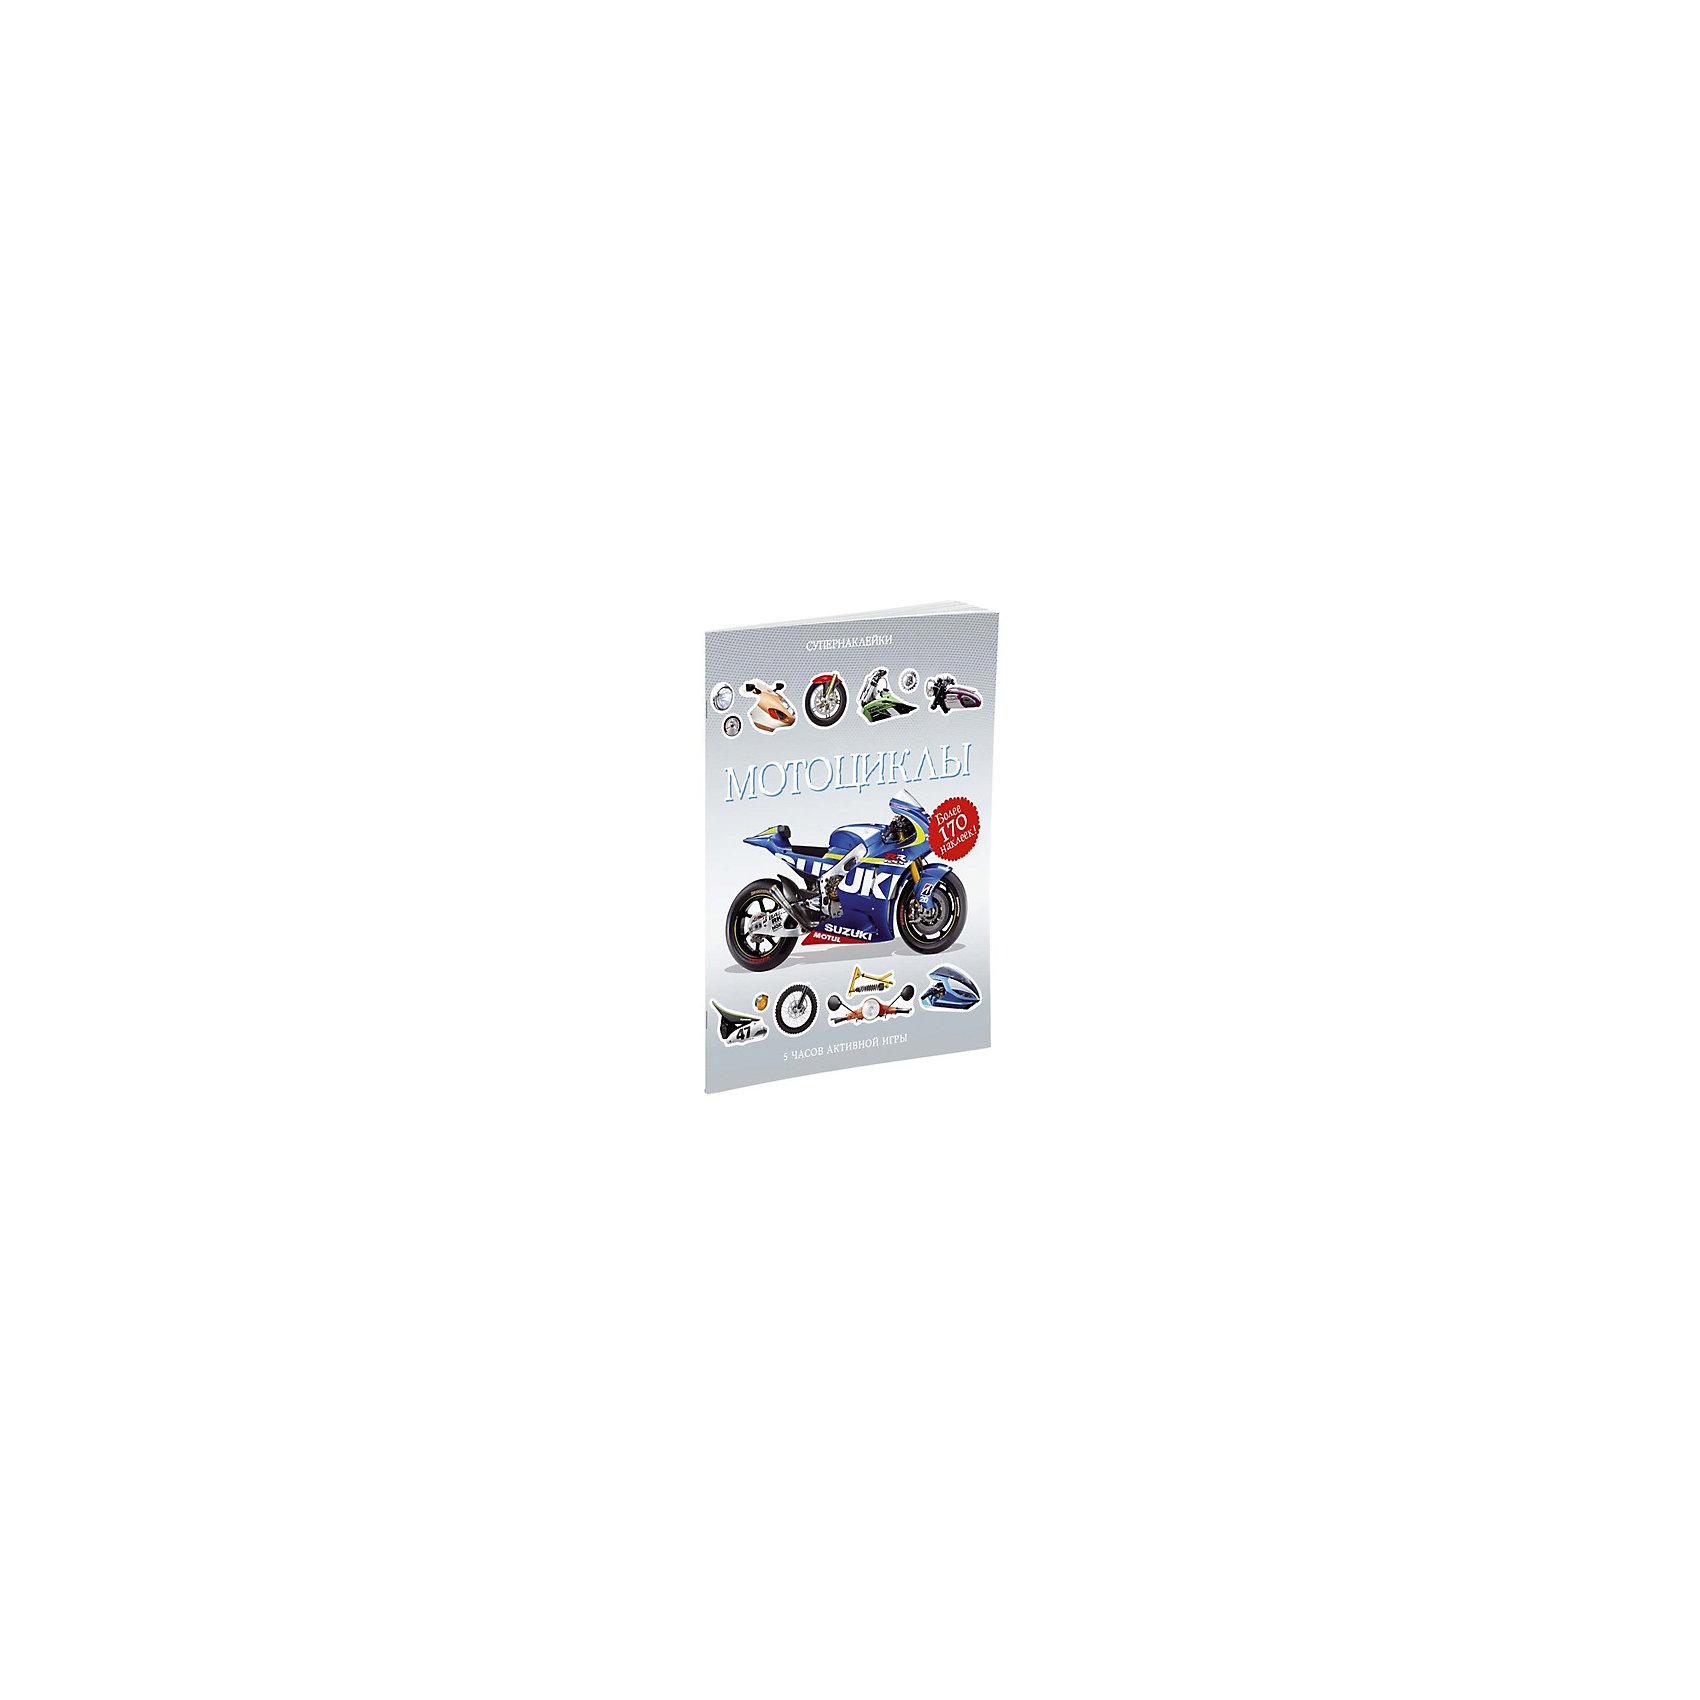 Наклейки Мотоциклы, MACHAONМахаон<br>Книжка с наклейками Мотоциклы.<br><br>Характеристики:<br><br>• Для детей в возрасте: от 12 месяцев до 3 лет<br>• Автор: С. Тадхоуп<br>• Переводчик: И. Евтишенков<br>• Иллюстраторы: Д. Фокс, А. Манн<br>• Издательство: Махаон, 2017 год<br>• Серия: Супернаклейки<br>• Тип обложки: мягкий переплет (крепление скрепкой или клеем)<br>• Оформление: с наклейками (более 170 наклеек)<br>• Иллюстрации: цветные<br>• Количество страниц: 24 (мелованная)<br>• Размер: 305x240x4 мм.<br>• Вес: 302 гр.<br>• ISBN: 9785389122581<br><br>В этой книжке ты найдёшь самые разные мотоциклы – от ретро-мопеда до суперсовременного гоночного байка! Собери и дополни мотоциклы с помощью наклеек. Читаем и играем! Развиваем внимание, воображение, мелкую моторику и художественный вкус.<br><br>Книжку с наклейками Мотоциклы можно купить в нашем интернет-магазине.<br><br>Ширина мм: 240<br>Глубина мм: 305<br>Высота мм: 40<br>Вес г: 302<br>Возраст от месяцев: 12<br>Возраст до месяцев: 36<br>Пол: Мужской<br>Возраст: Детский<br>SKU: 5493460